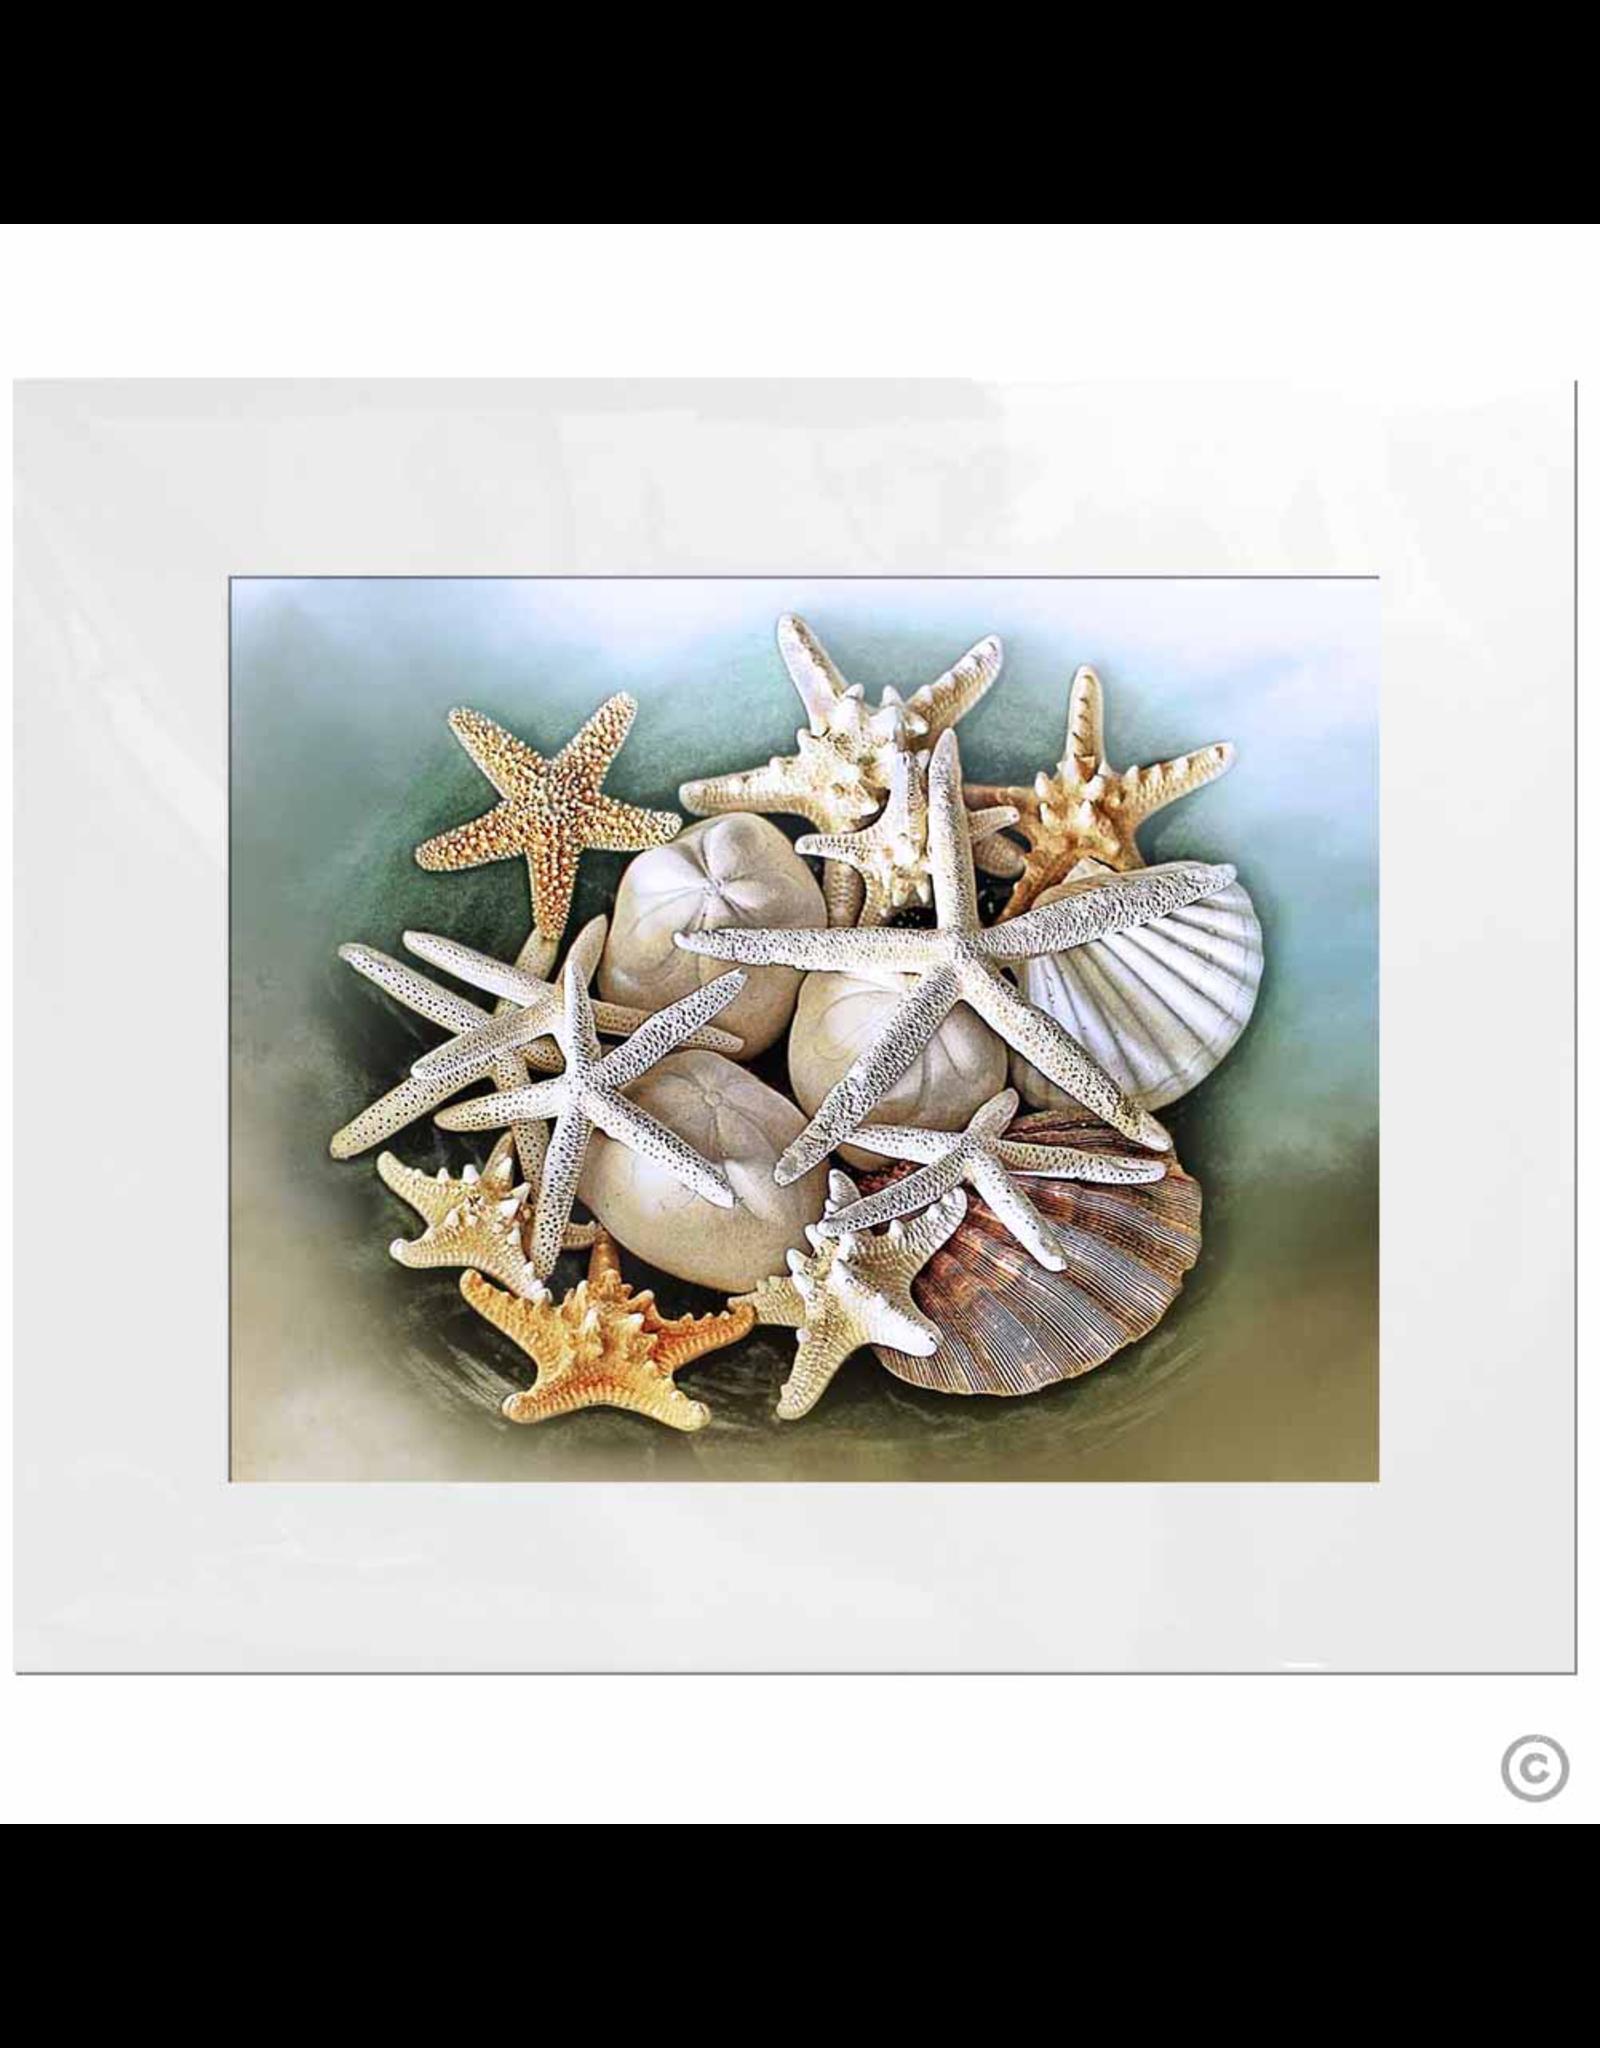 Maureen Terrien Photography Art Print Memories of the beach 11x14 - 8x10 Matted